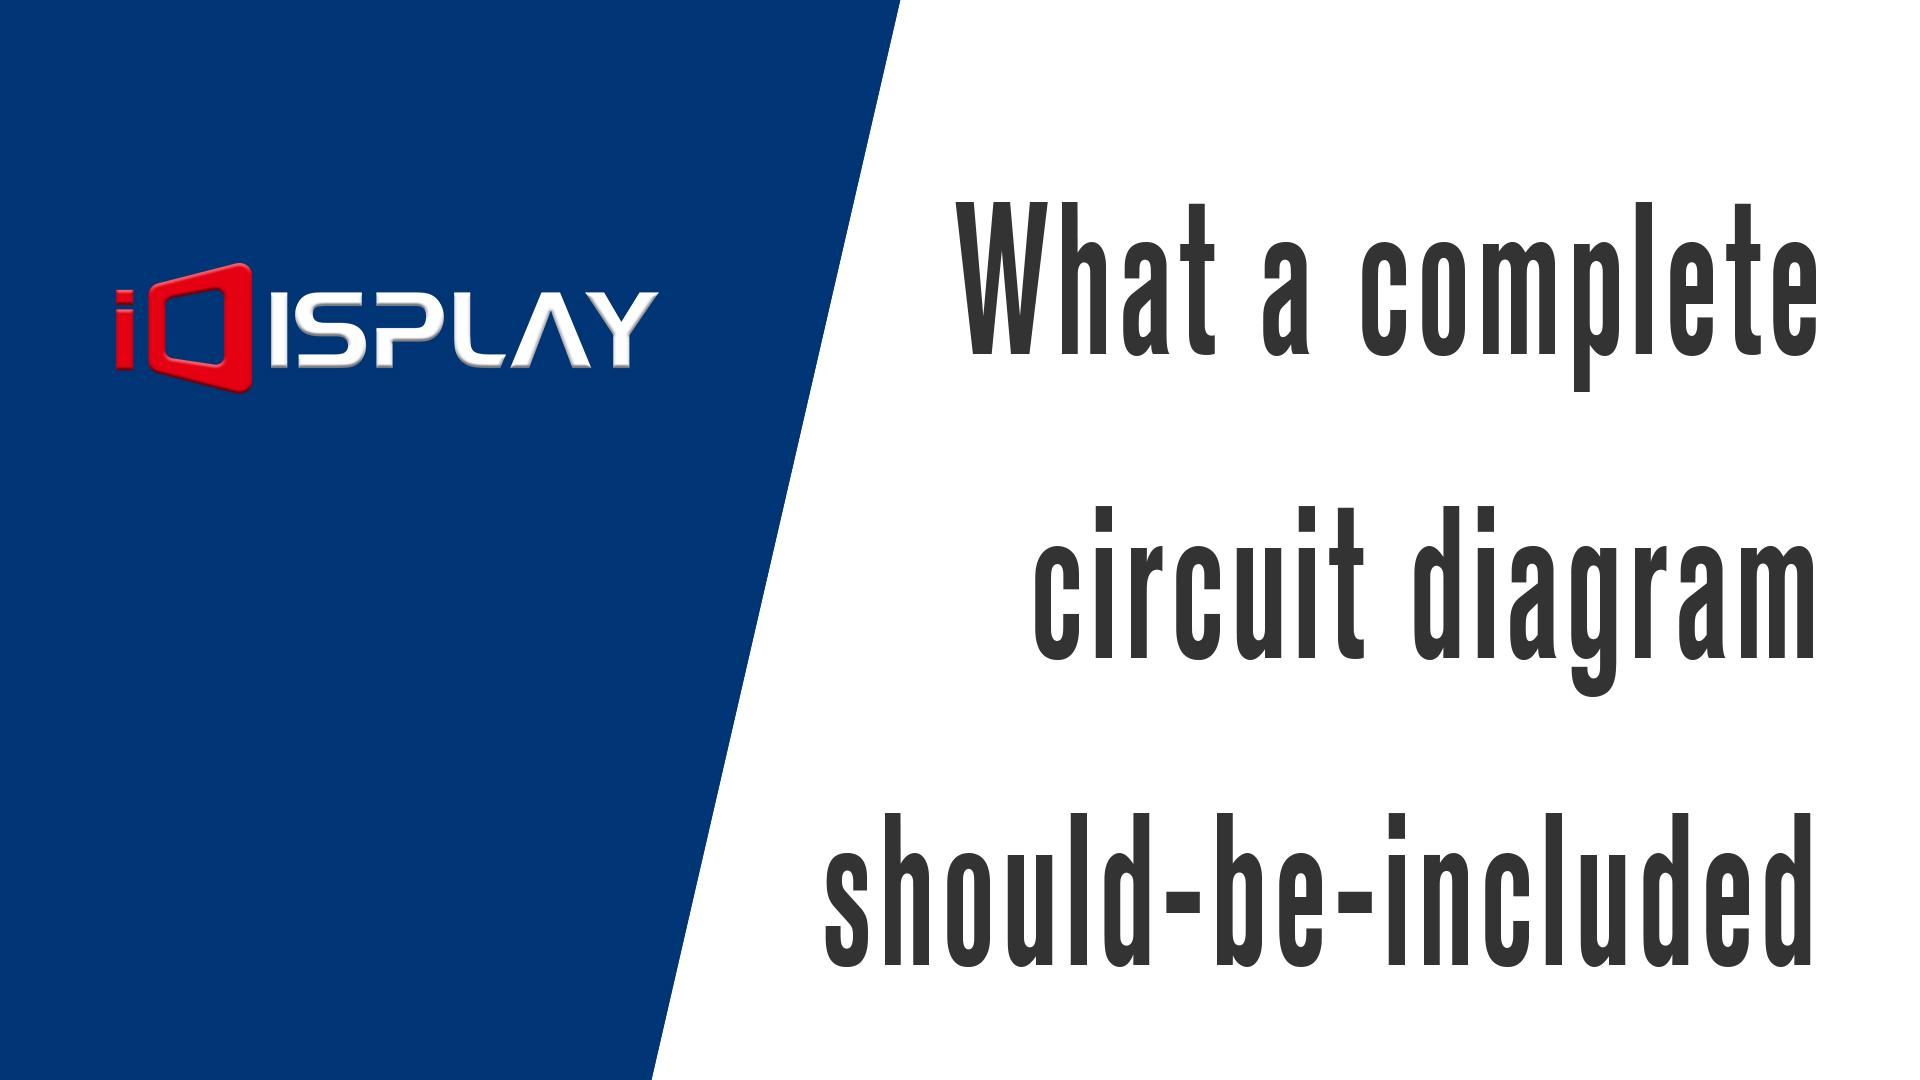 Wat een compleet schakelschema moet worden opgenomen - Shenzhen idisplay Technology Ltd.